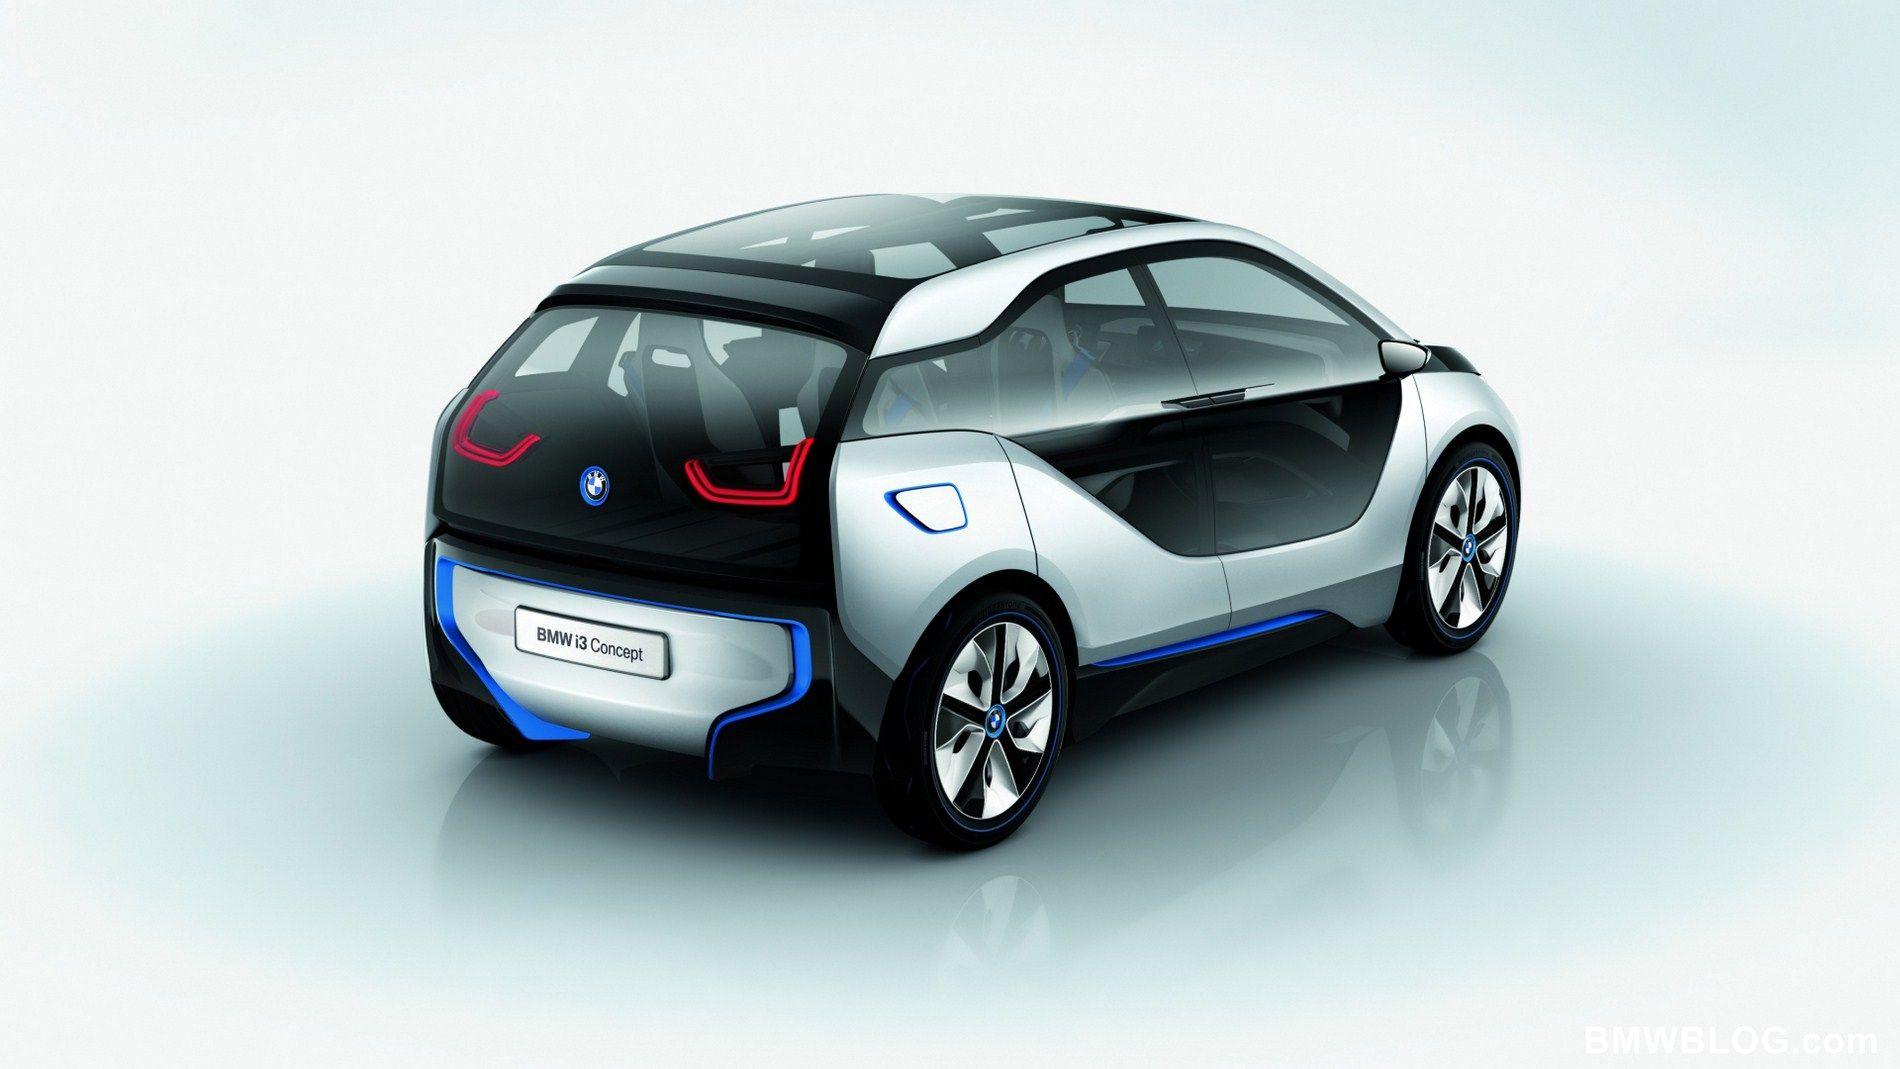 World Premiere BMW i3 Bmw i3, Bmw, Bmw concept